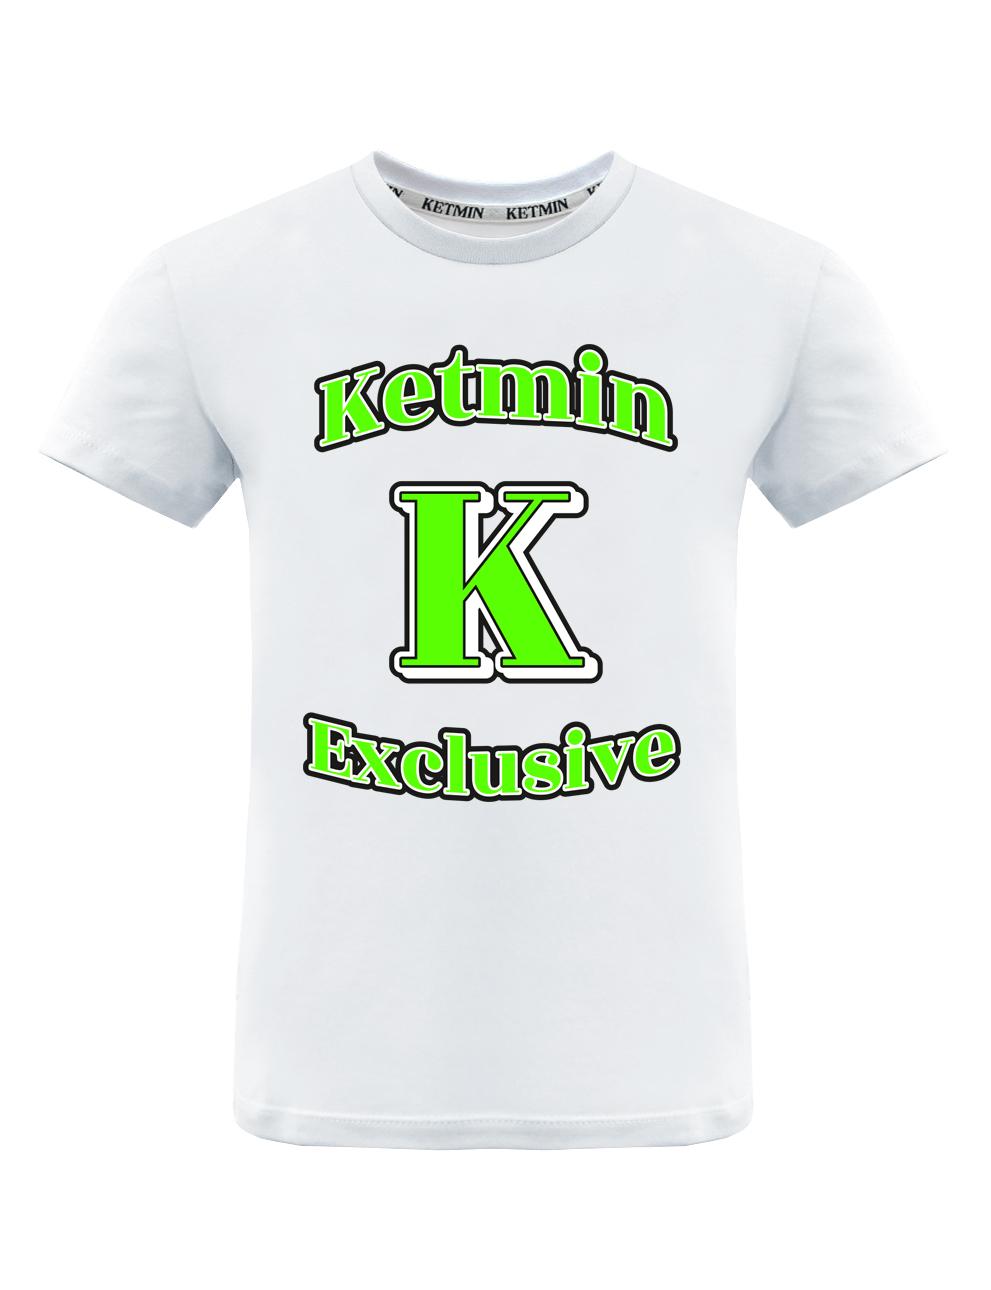 Детская футболка KETMIN Exclusive цв.Белый/салатовый